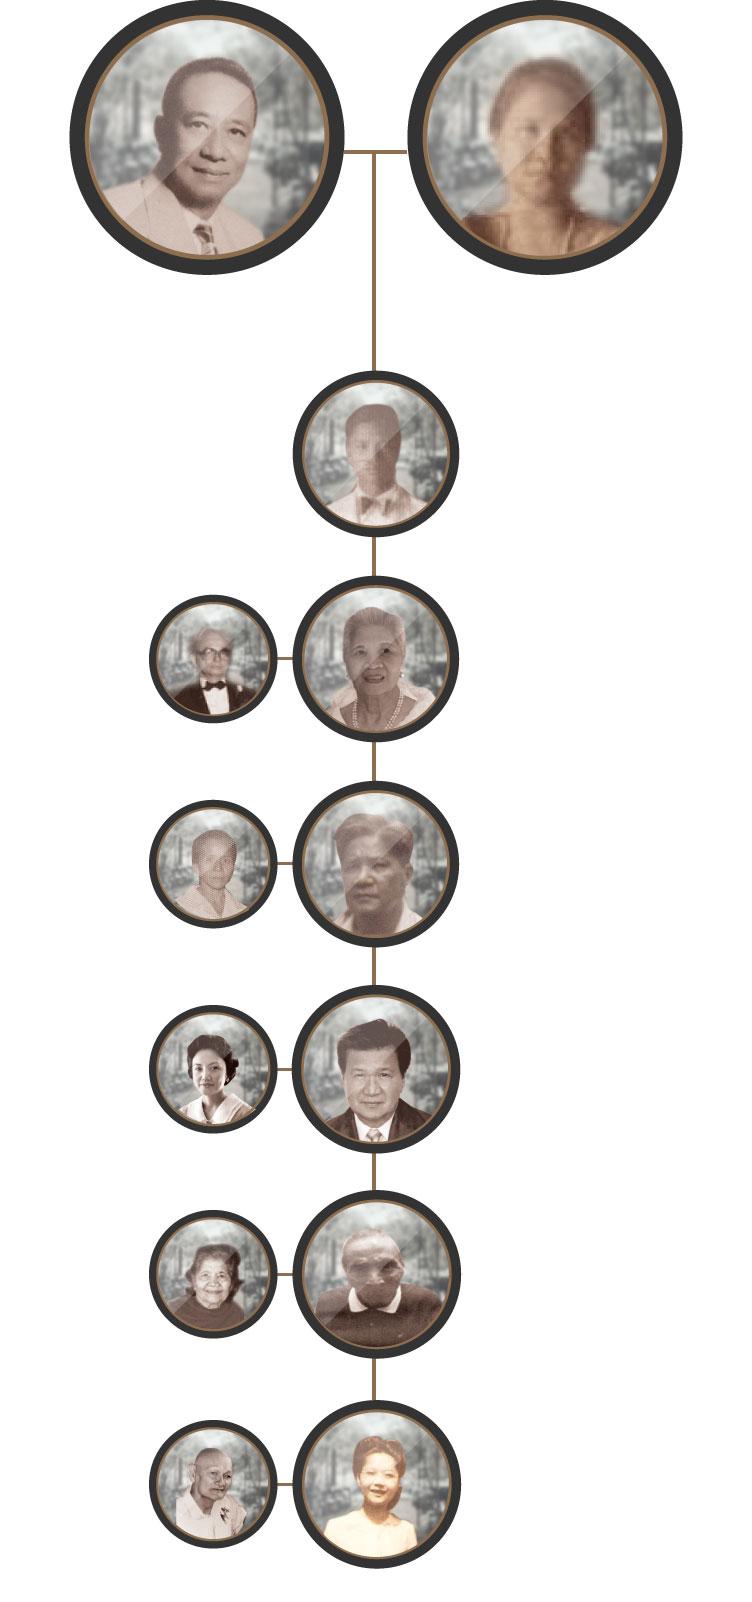 eq125_eq-genealogy_ernesto-rivera-quirino